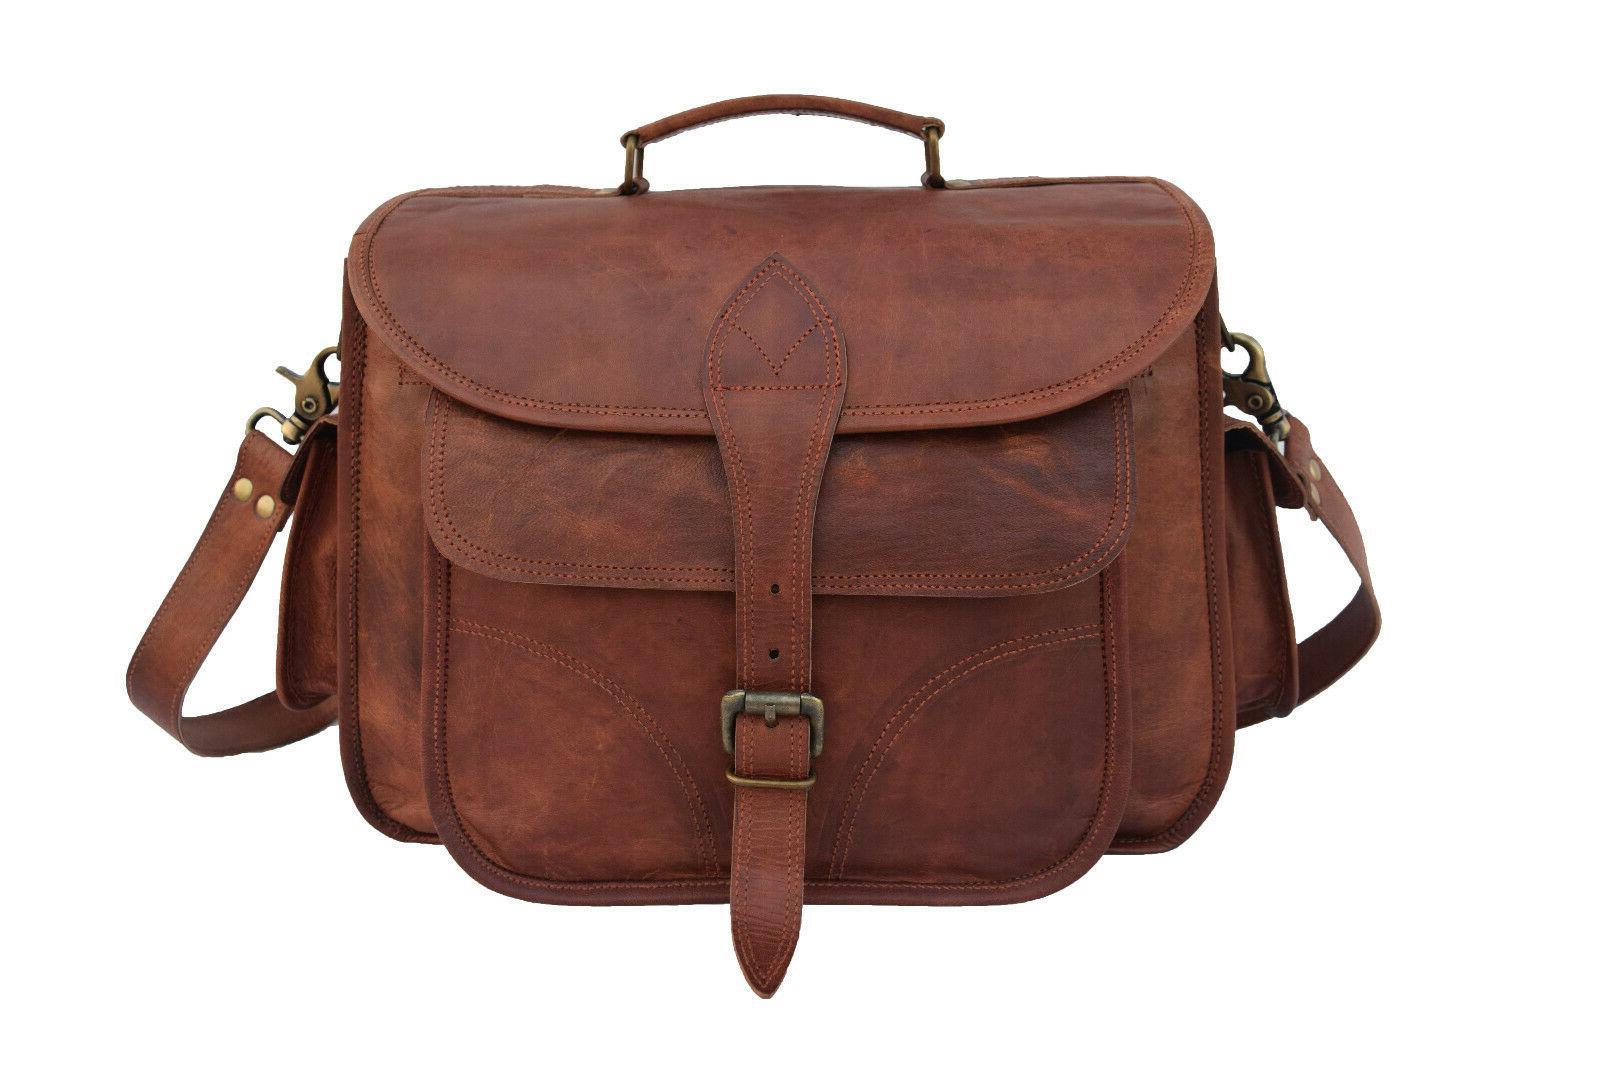 Vintage Leather DSLR Bag Messenger Crossbody Handbag